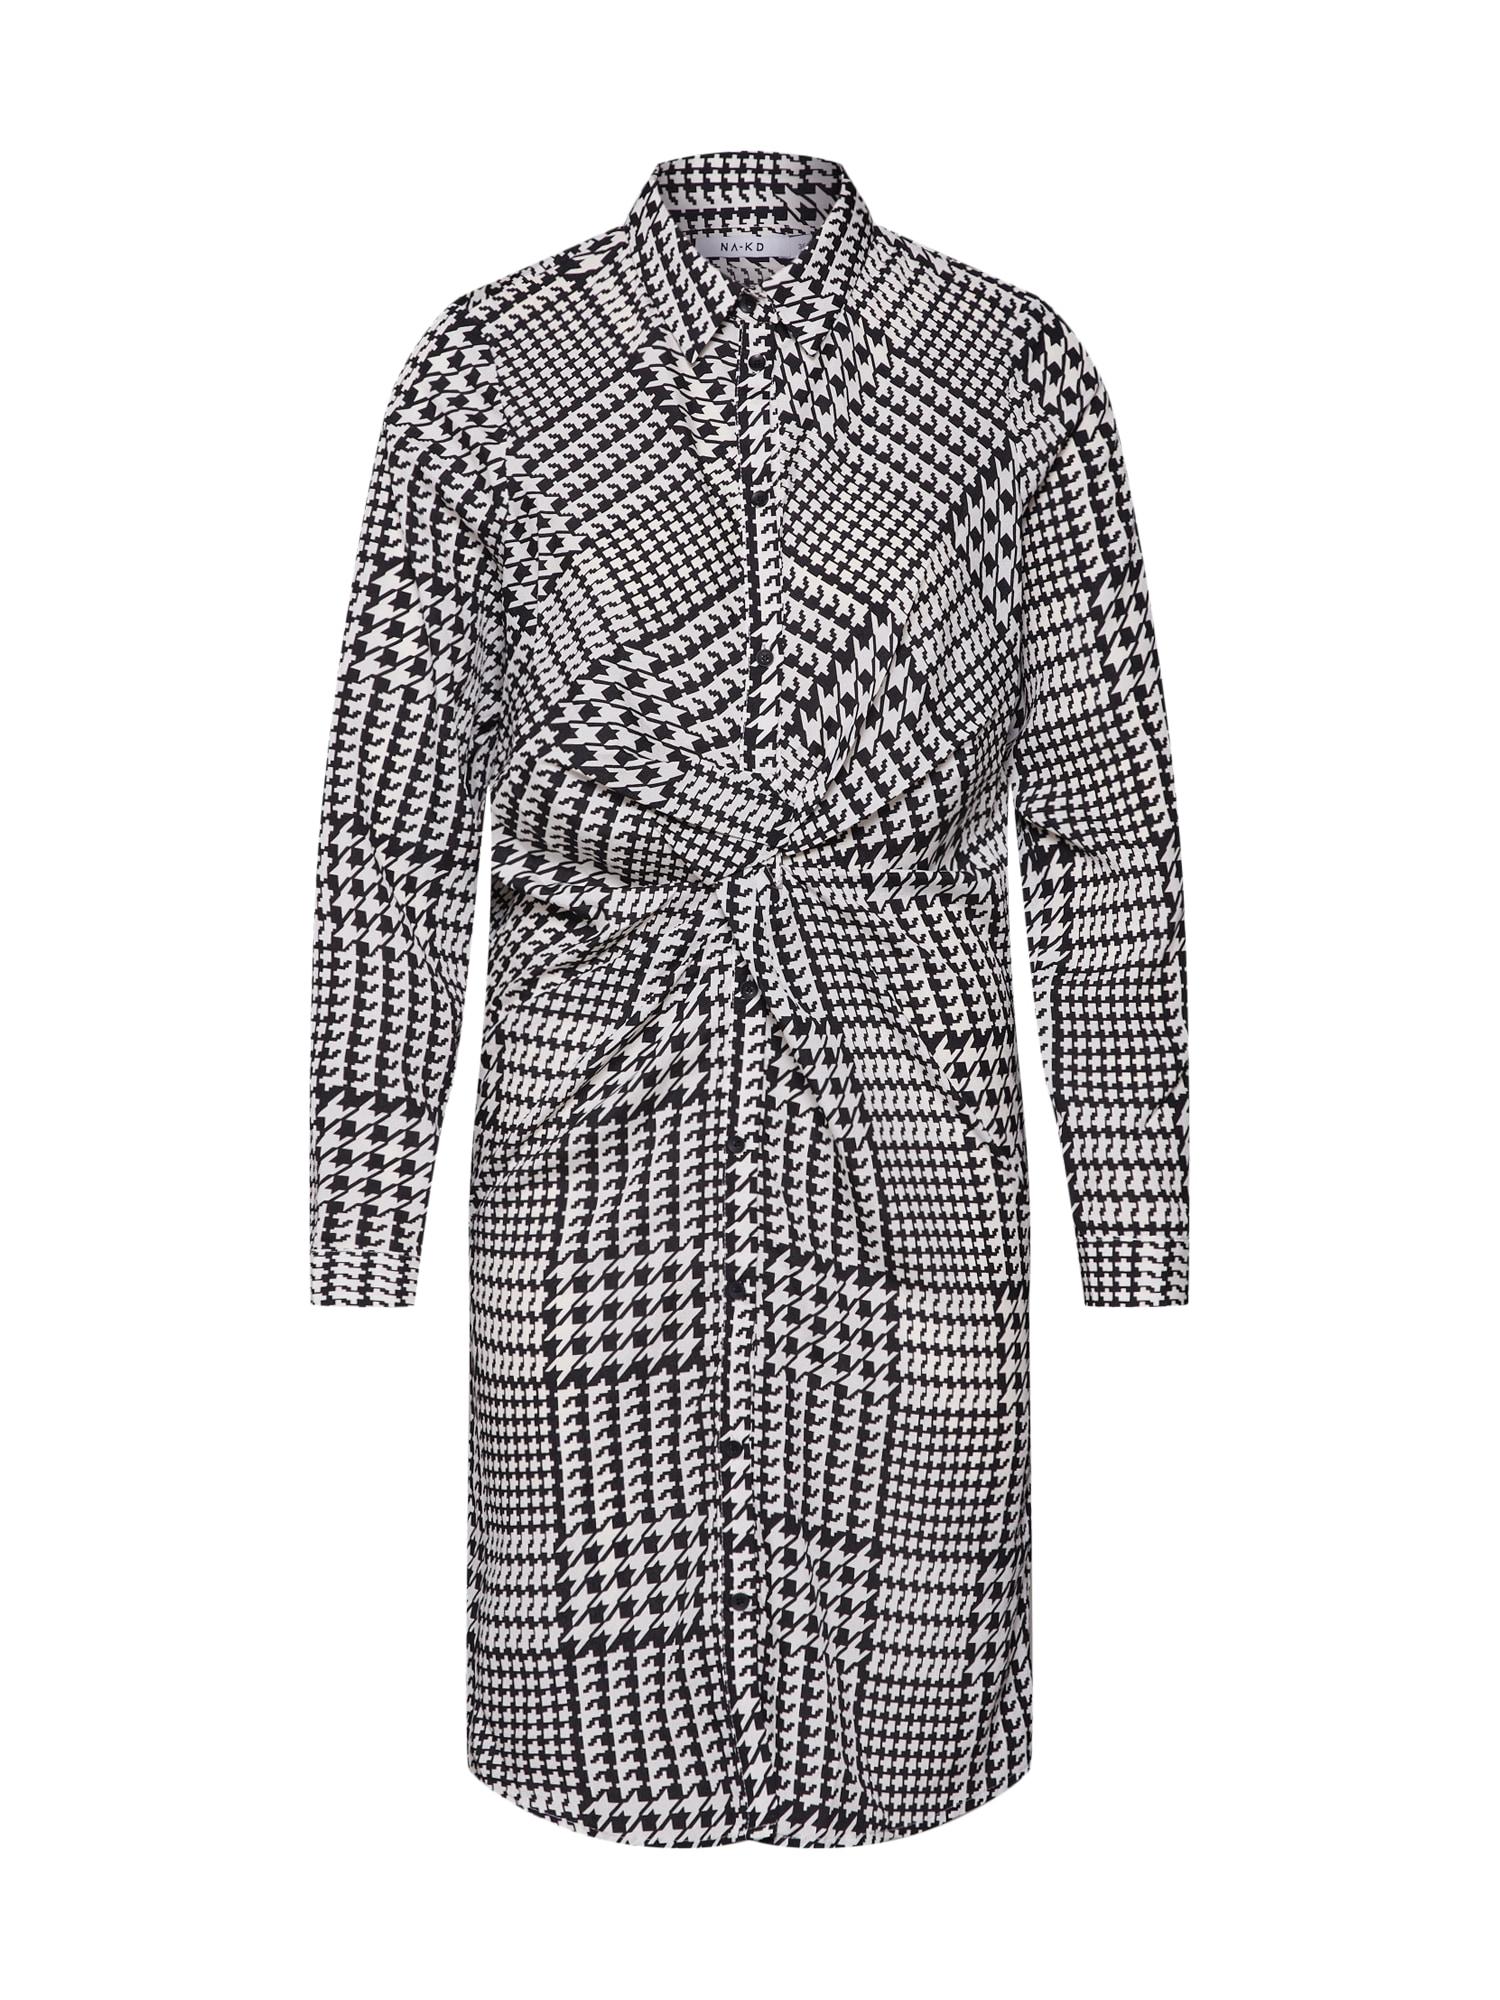 Šaty Twist Detail černá bílá NA-KD